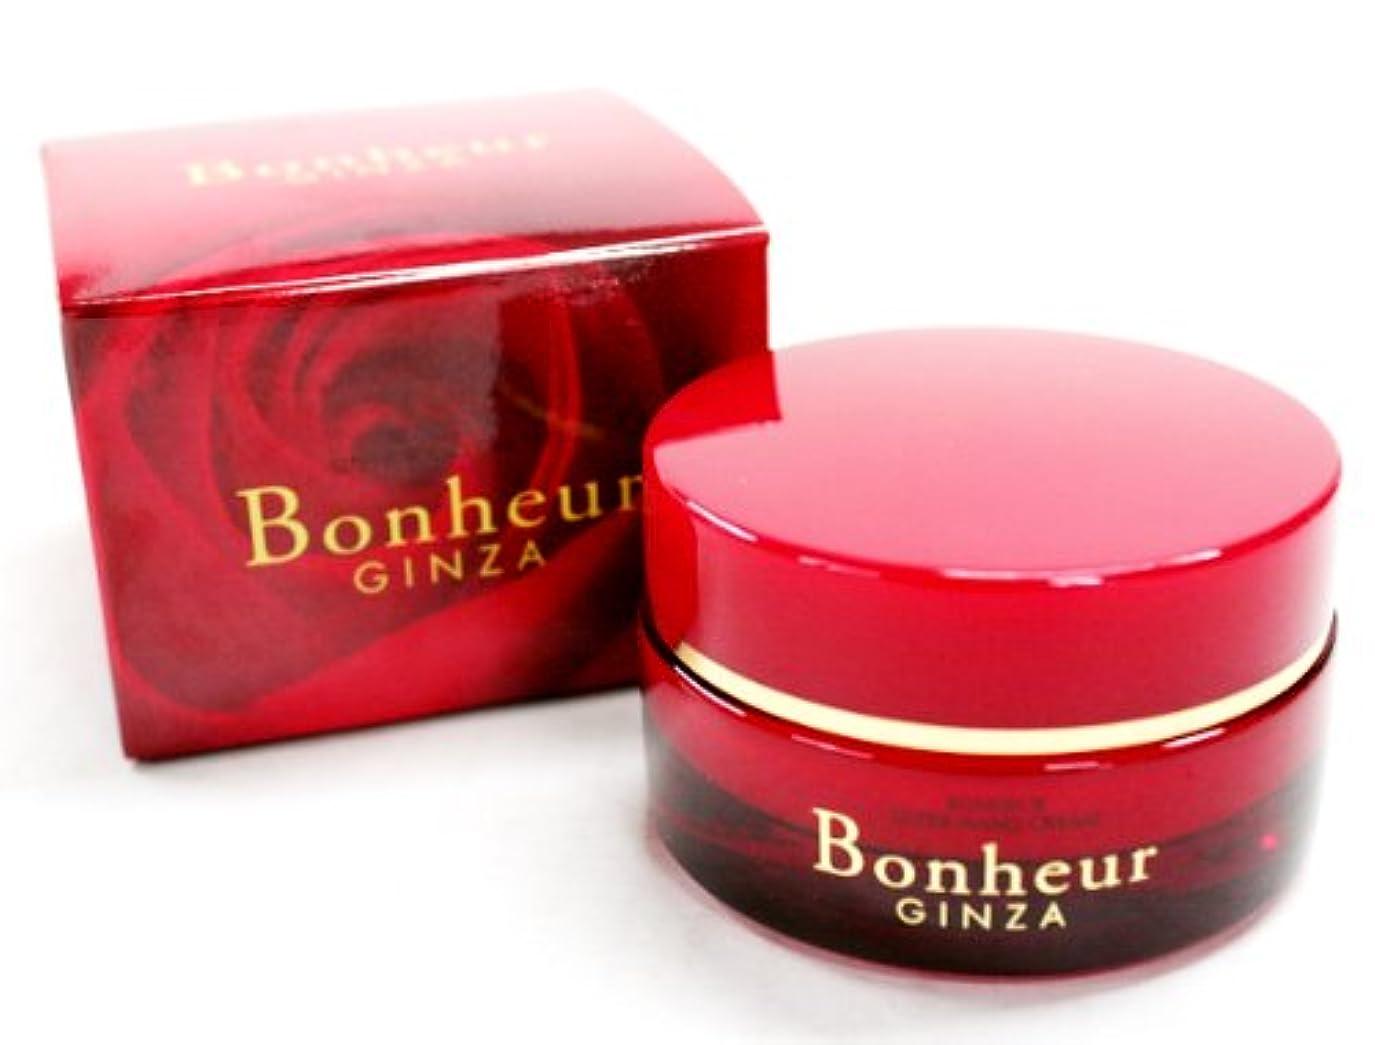 レイアウト大きい累計Bonheur GINZA ボヌール スーパーナノクリーム 30g (こちらの商品の内訳は『1点』のみ)